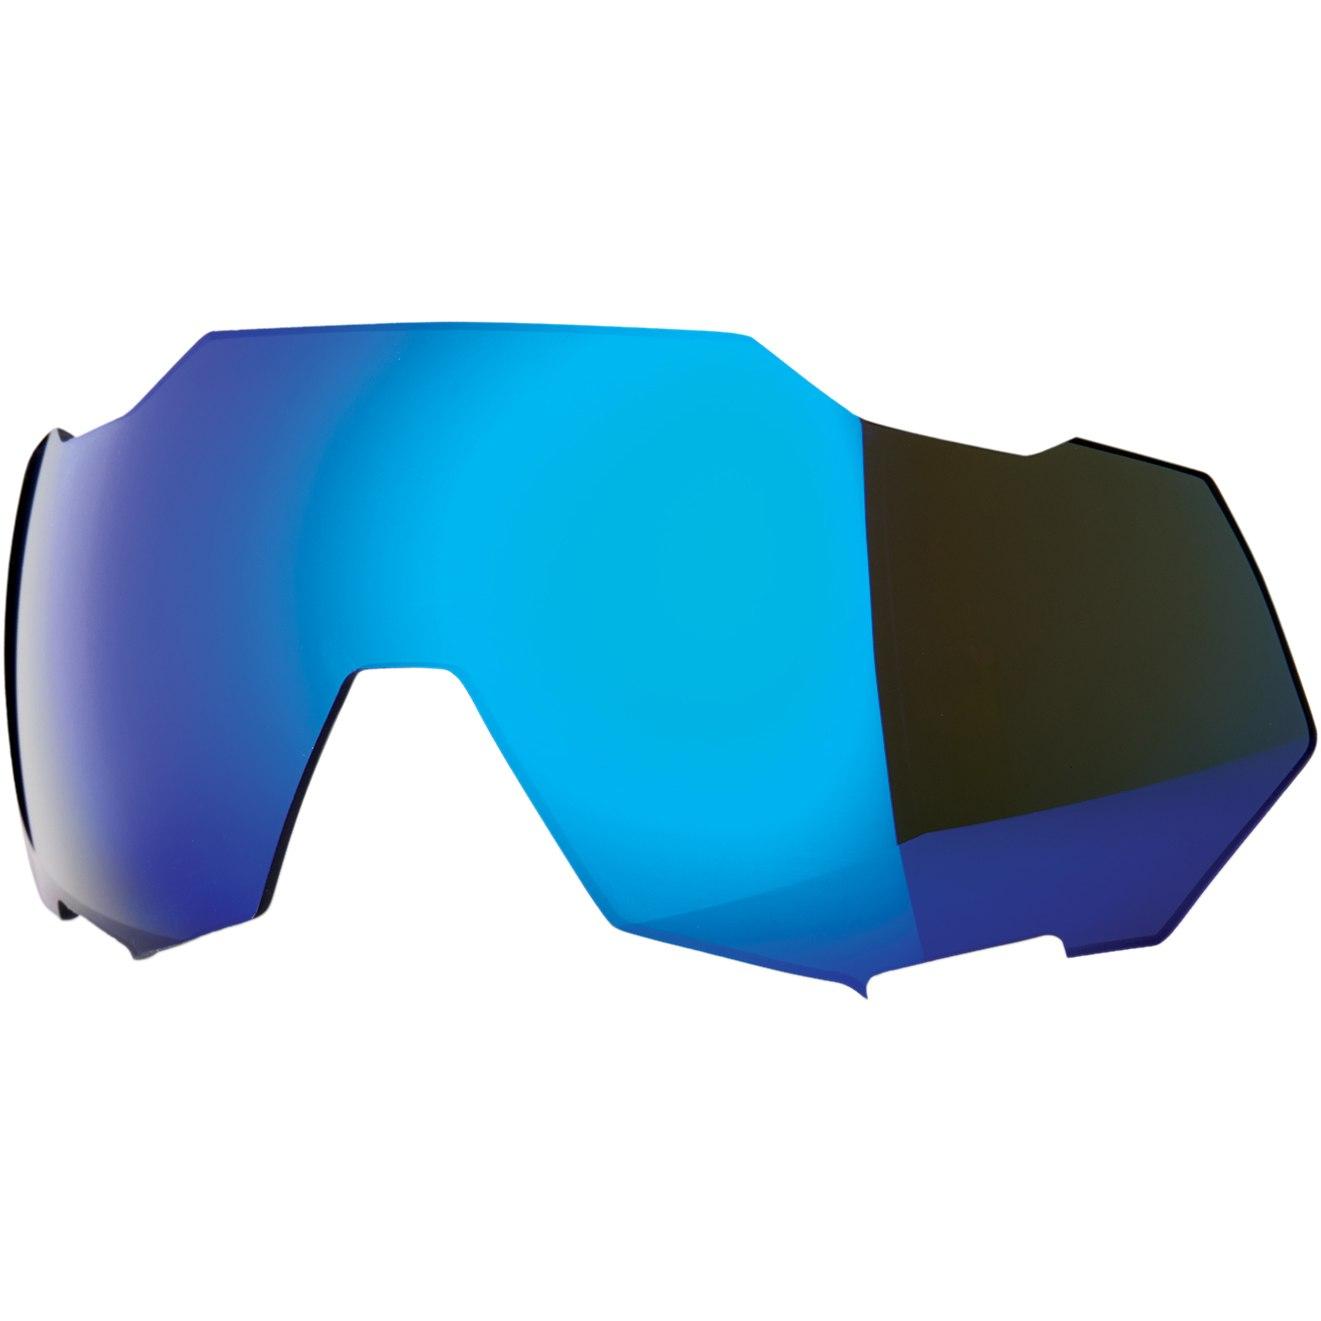 100% Speedtrap Mirror Lente de repuesto - Blue Mirror